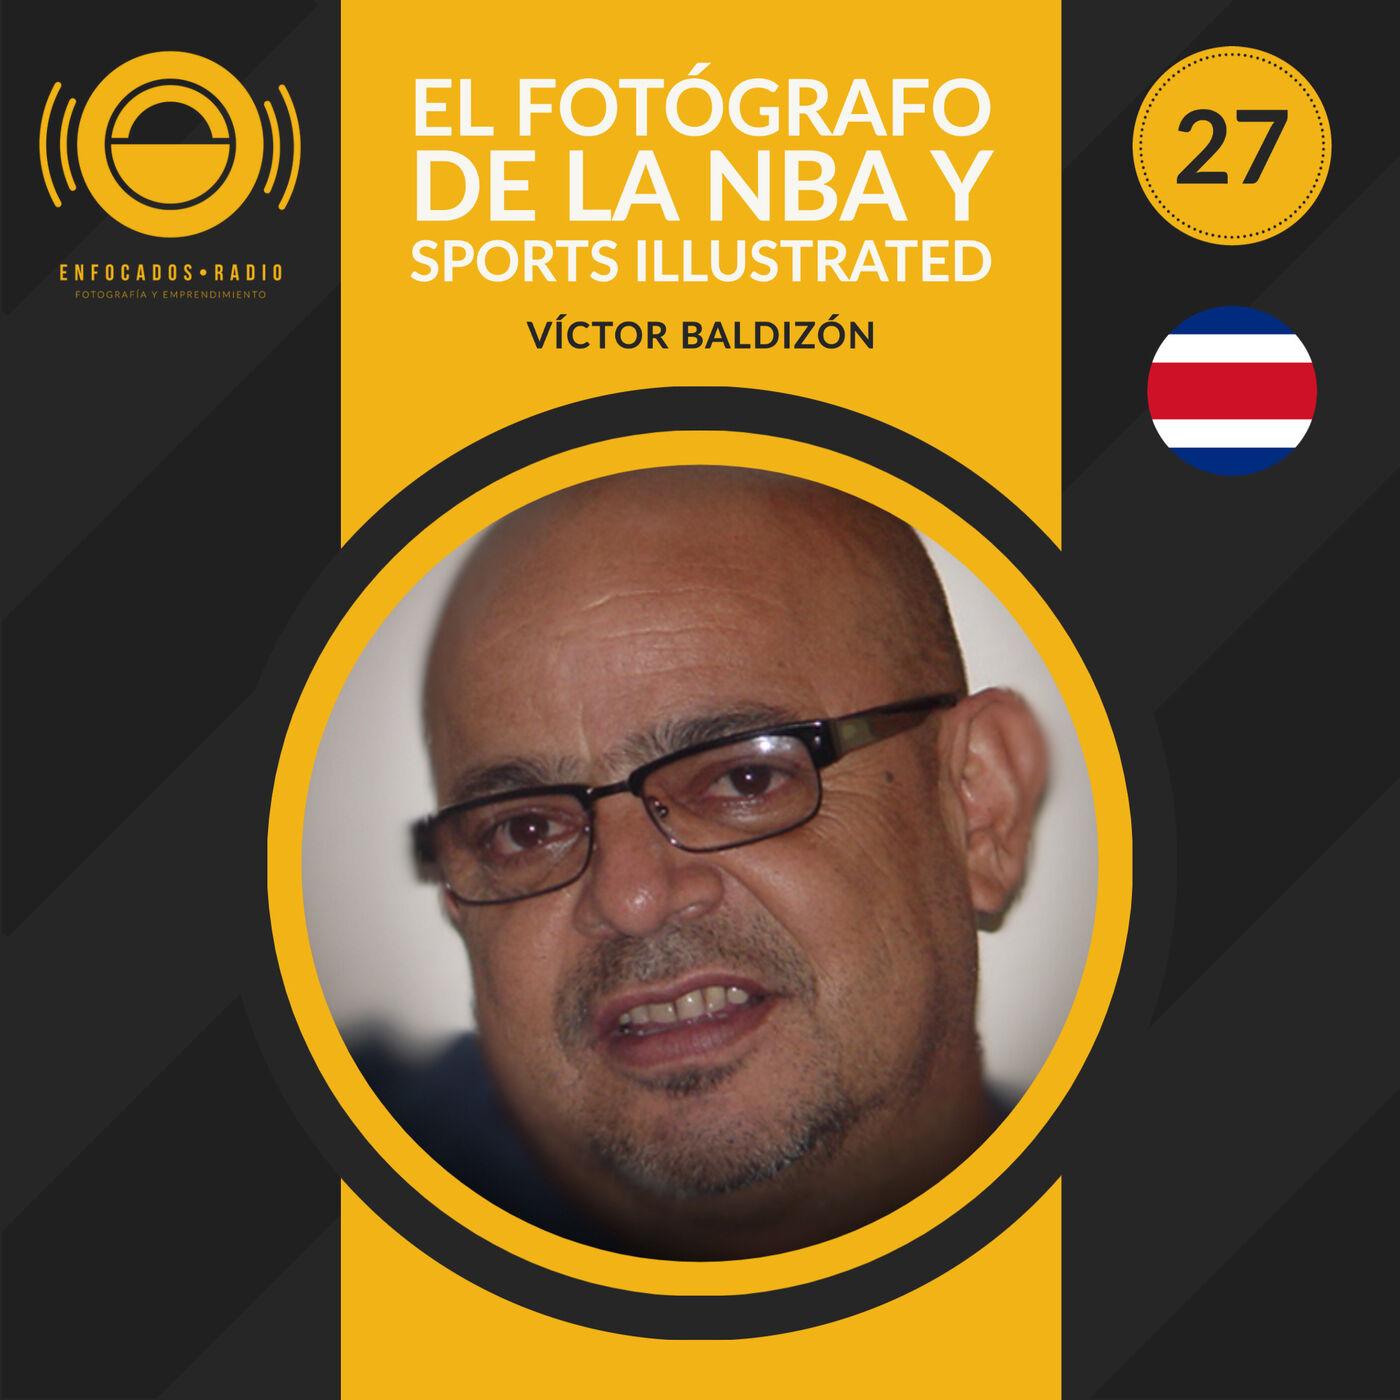 EP027: El fotógrafo de la NBA y Sports Illustrated